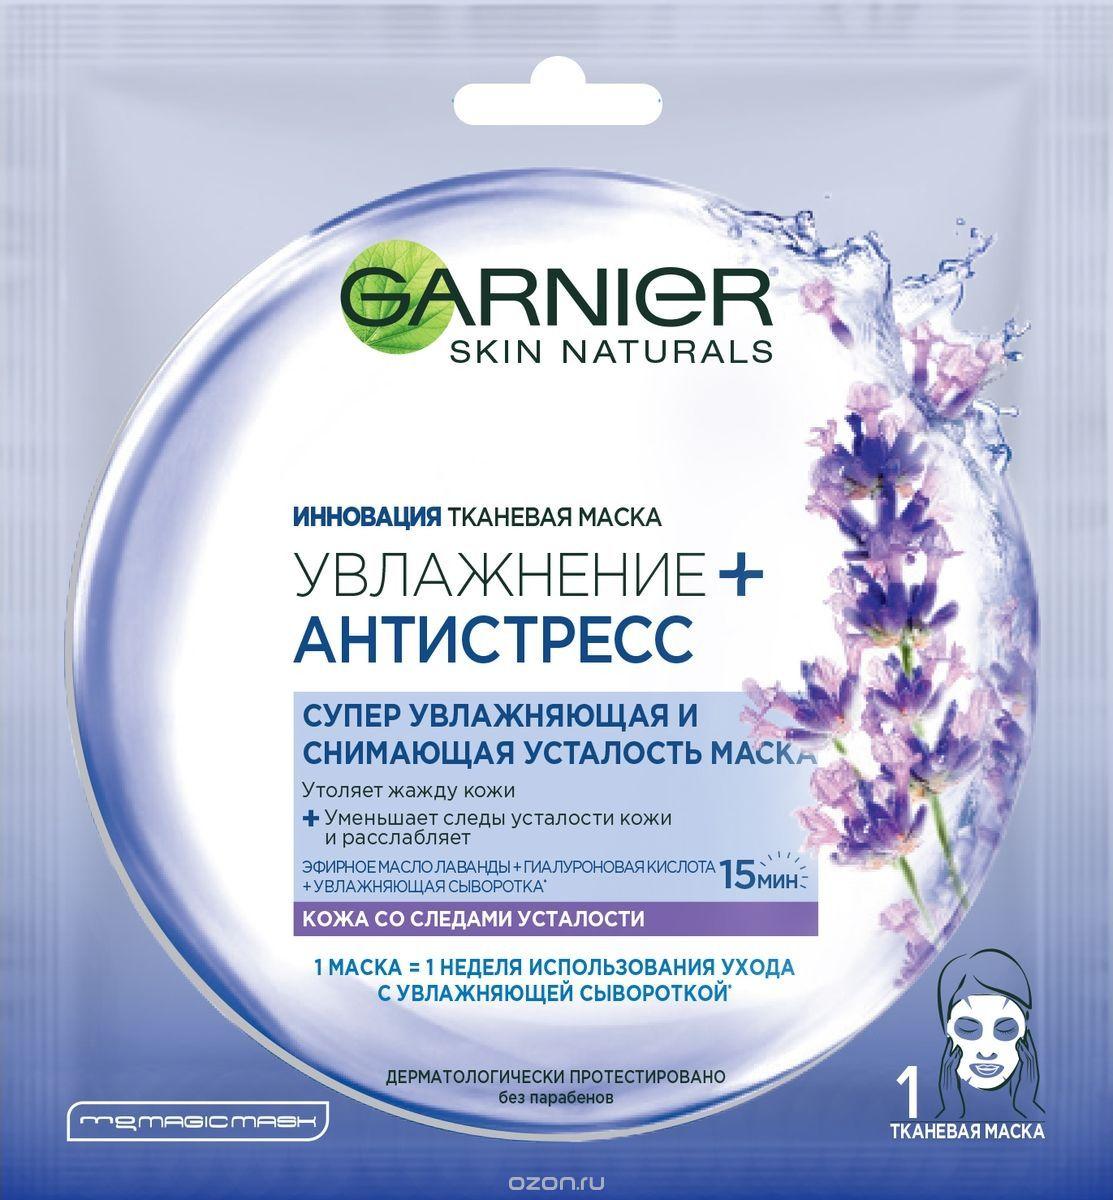 Garnier Тканевая маска Увлажнение и Антистресс Лаванда